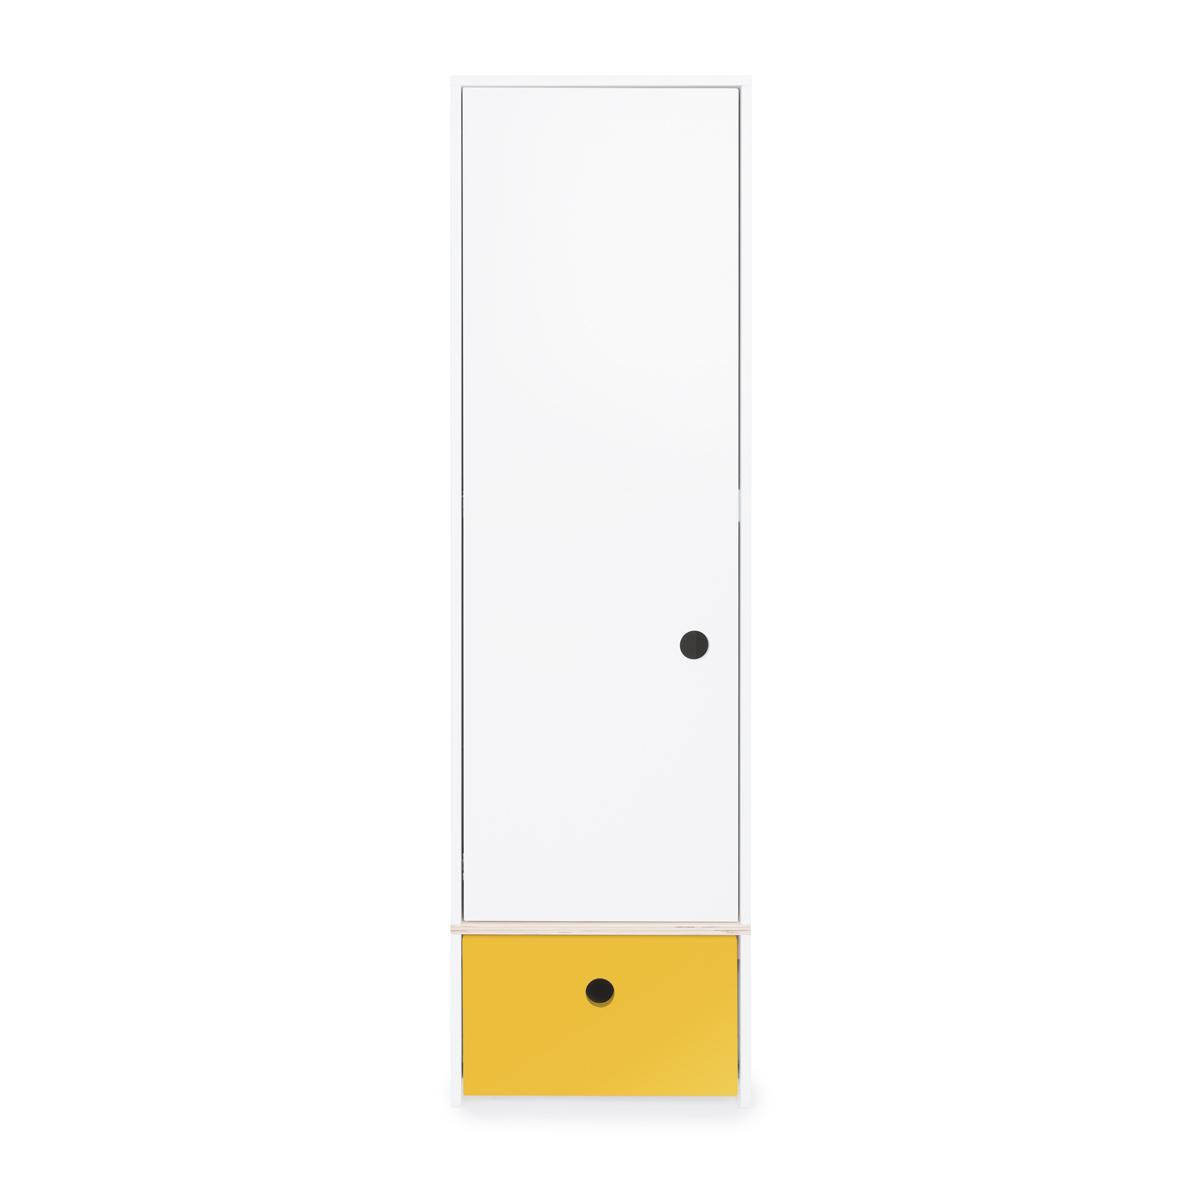 Armoire 1 porte COLORFLEX façade tiroir nectar yellow